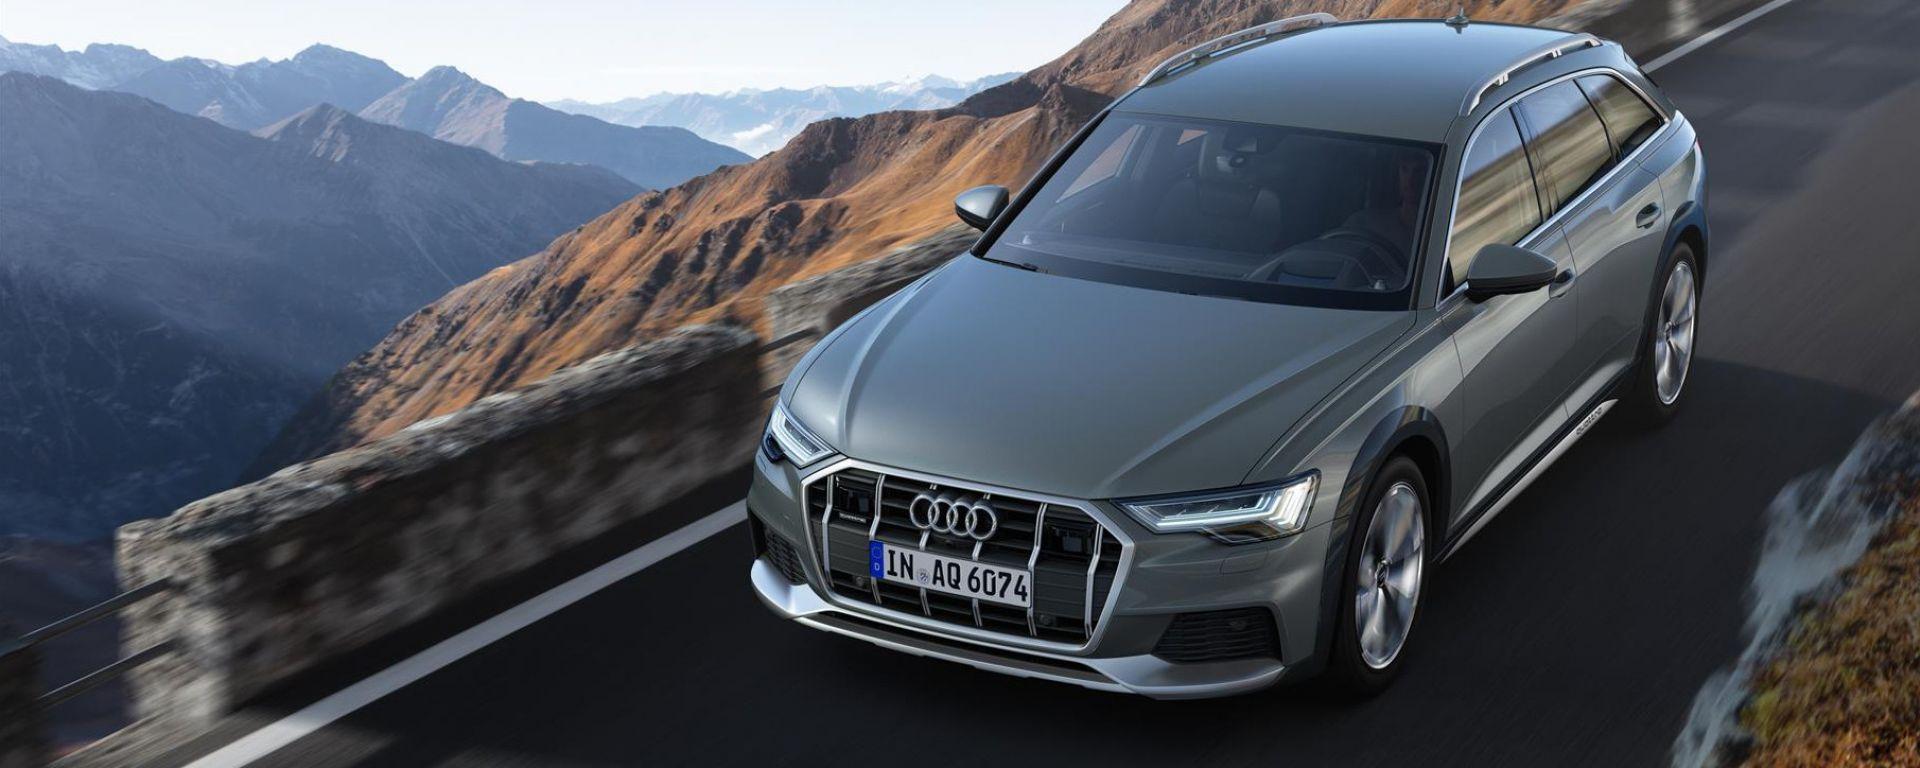 Audi A6 Alloroad: su strada e in fuoristrada leggero